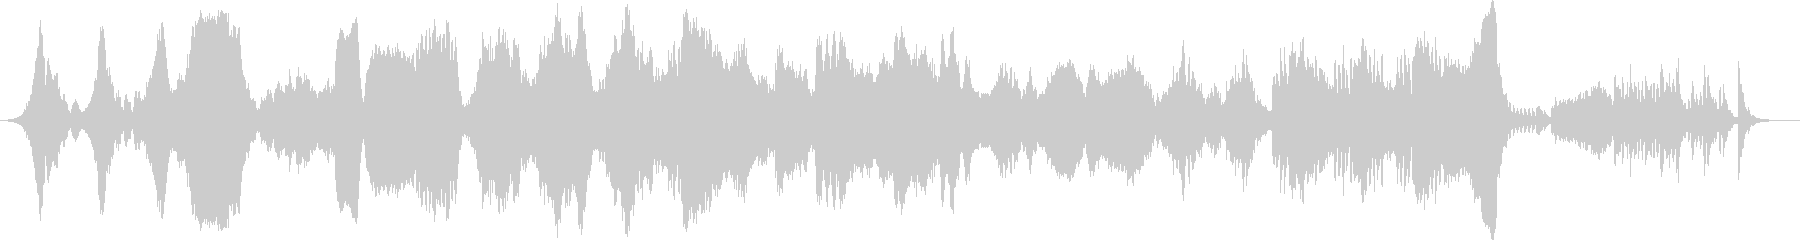 フィルムオーケストラ楽器。魔法の、...の未再生の波形